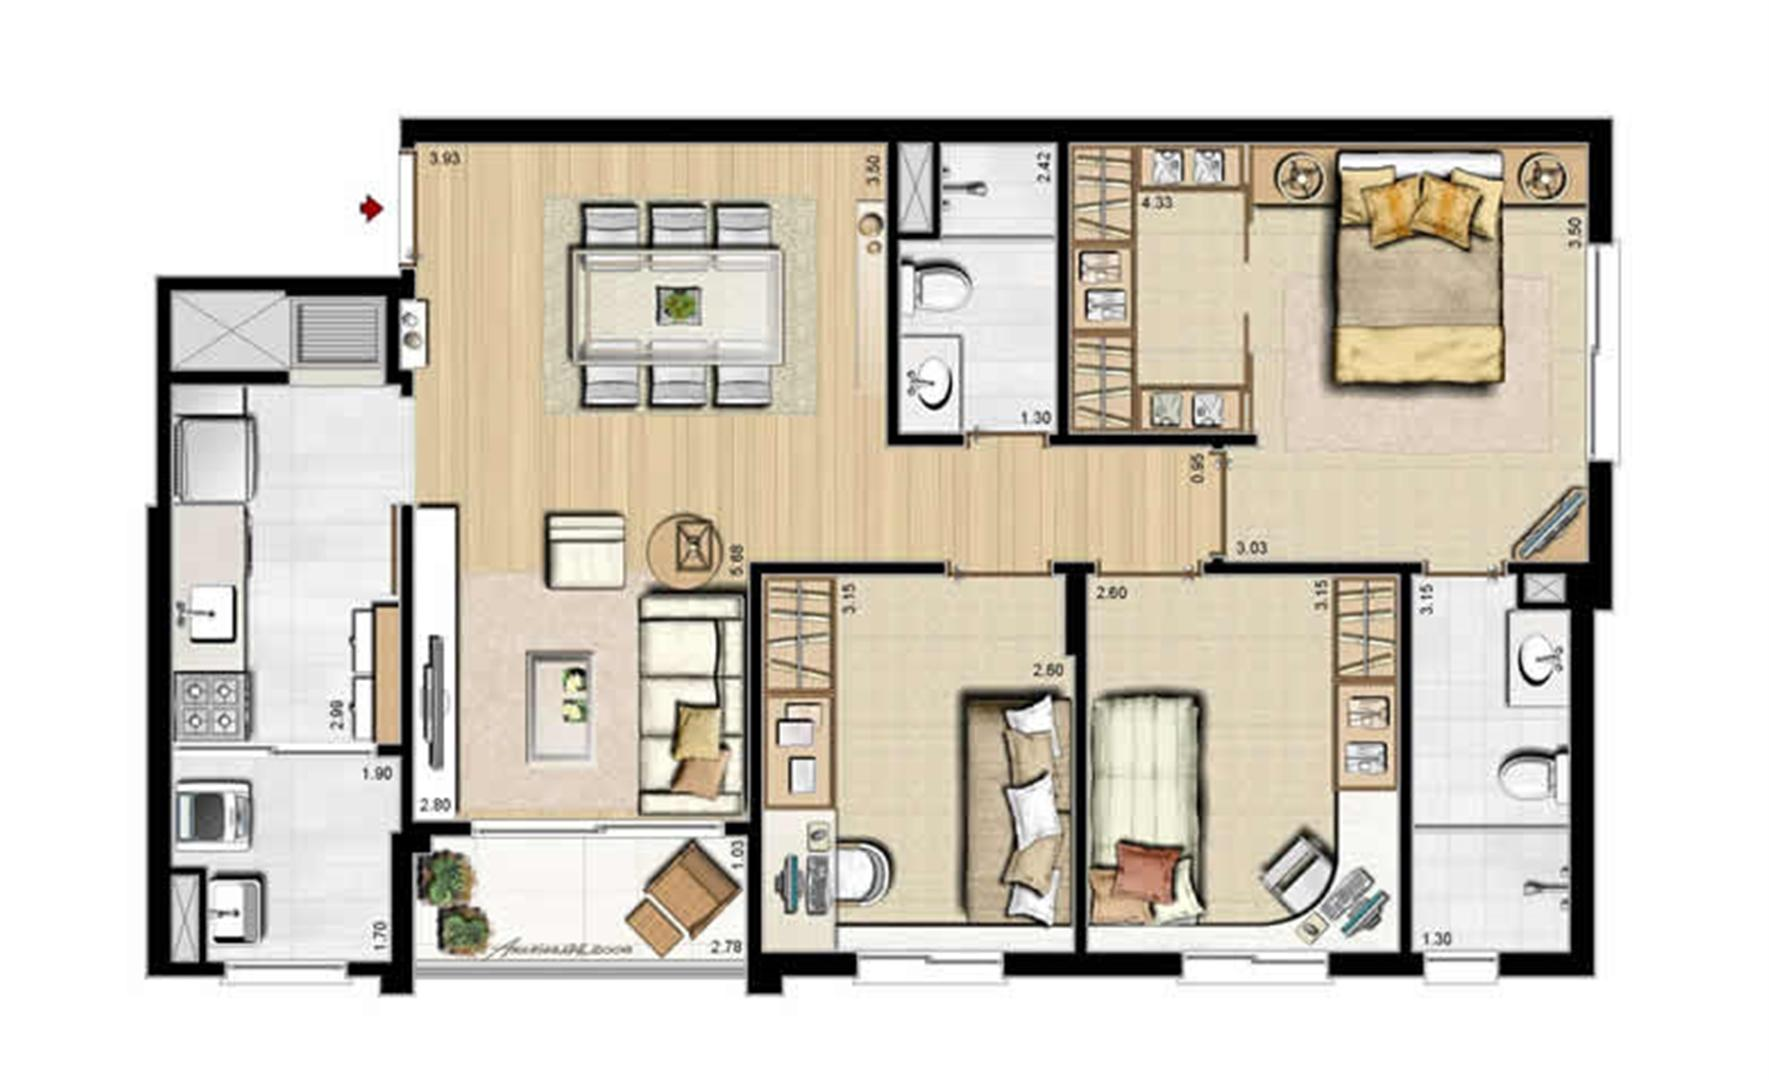 Opção cozinha fechada - 84 m² privativos e 130 m² área total | Villa Mimosa Vita Insolaratta – Apartamento no  Centro - Canoas - Rio Grande do Sul